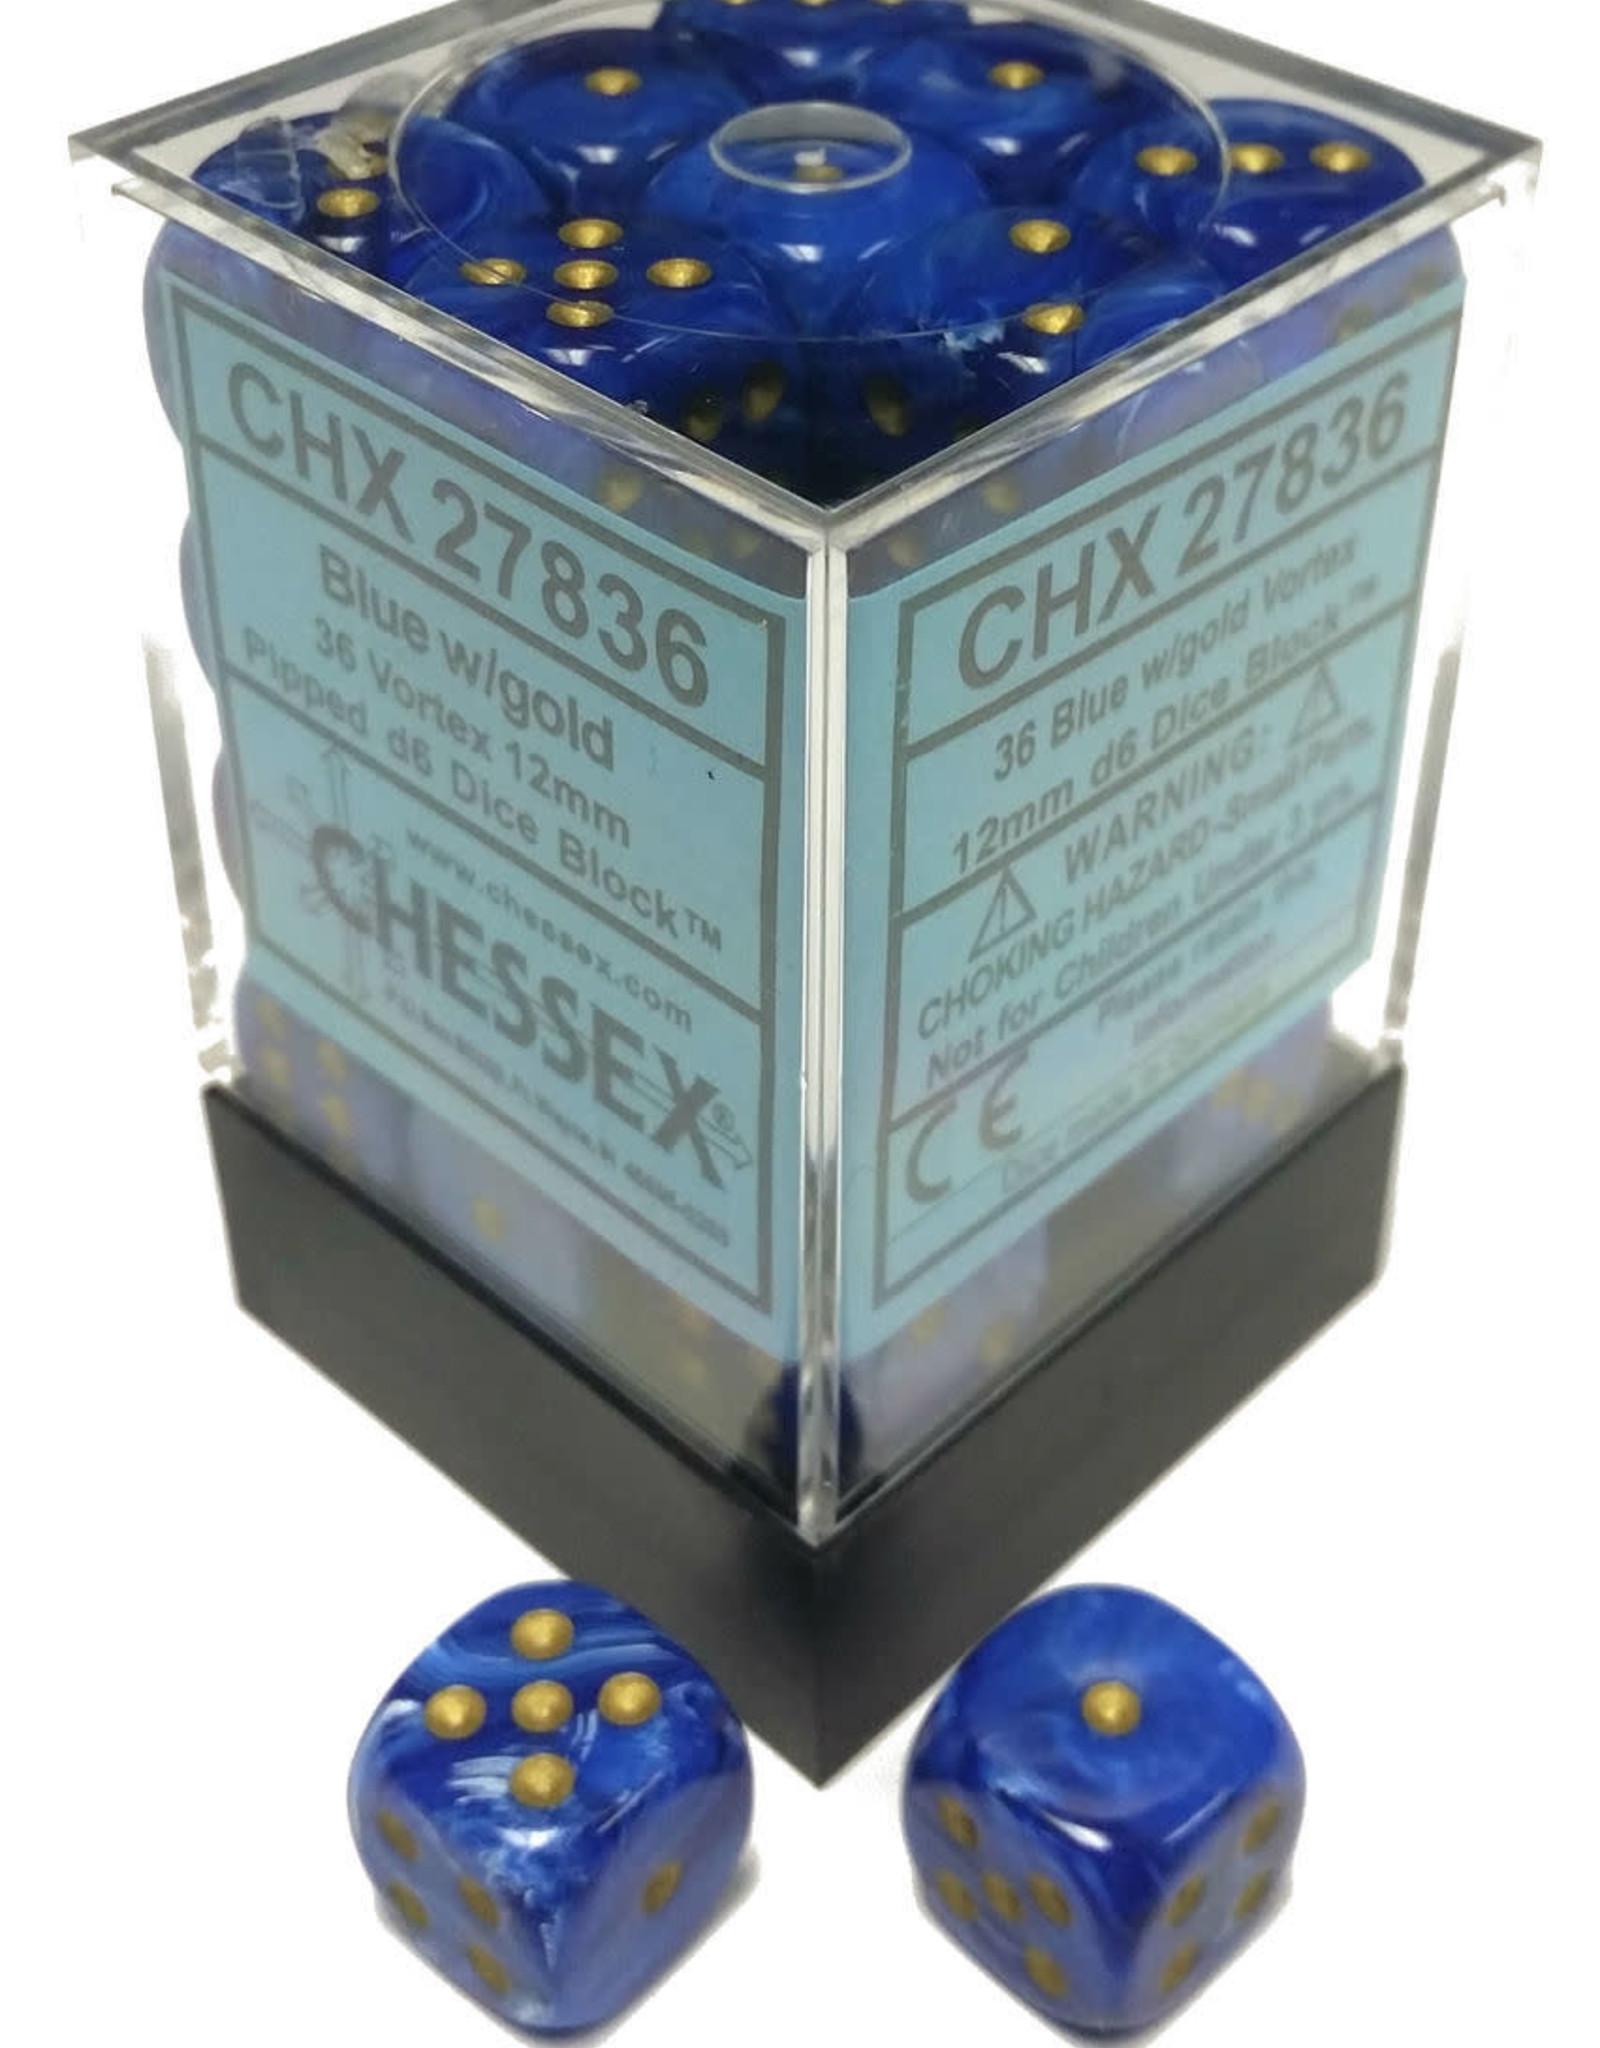 Chessex Blue w/gold Vortex 12mm d6 dice set